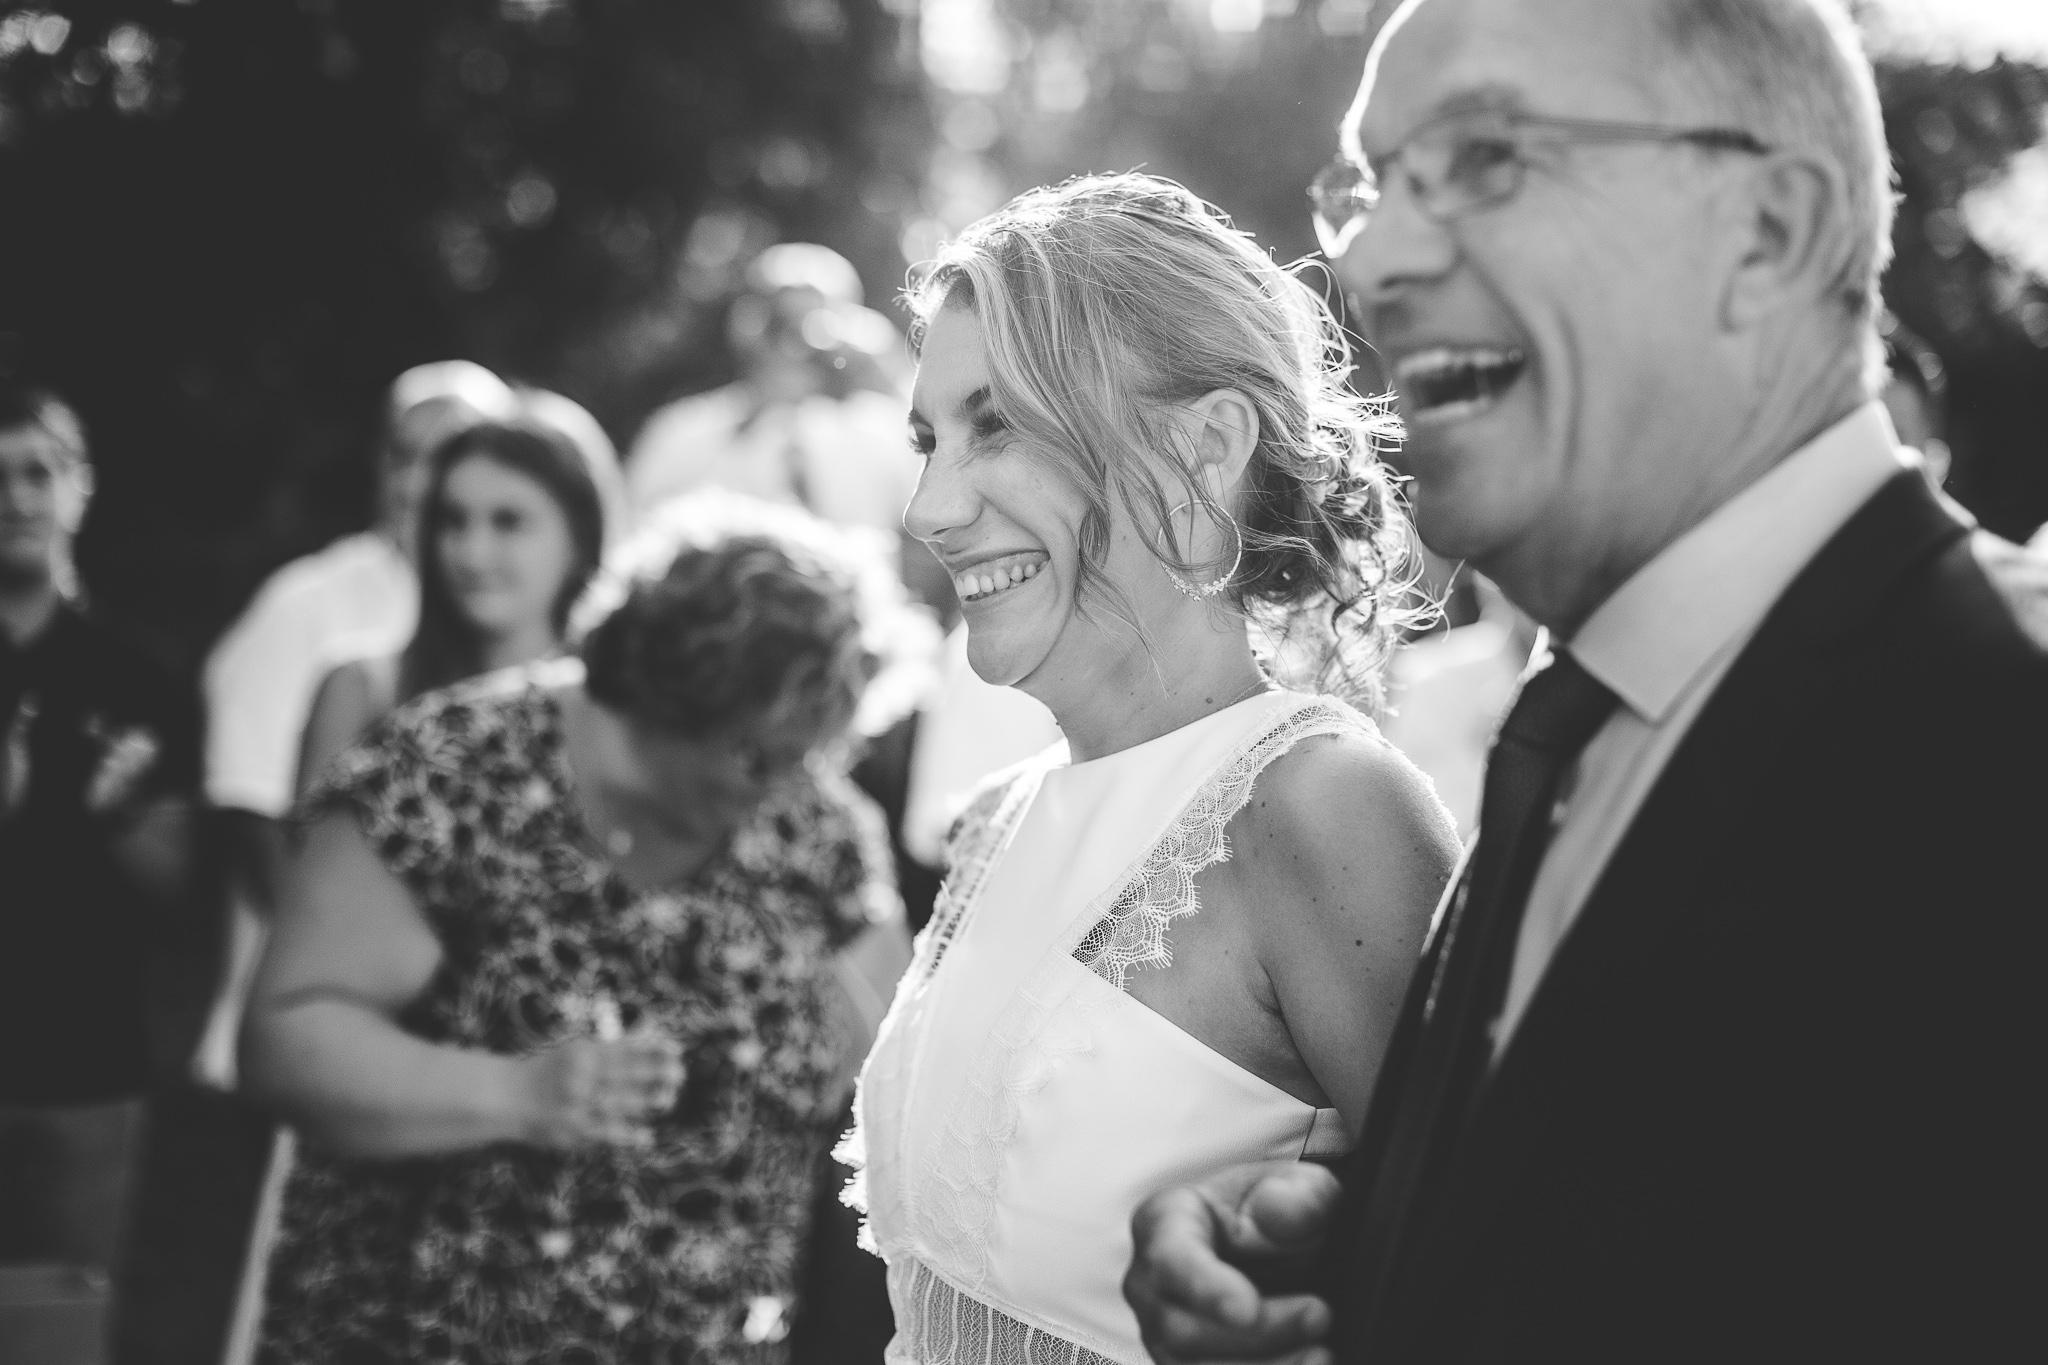 reportage mariage photo ceremonie laique exterieur pere et fille mariee avance allee moulin de nartaud toulouse